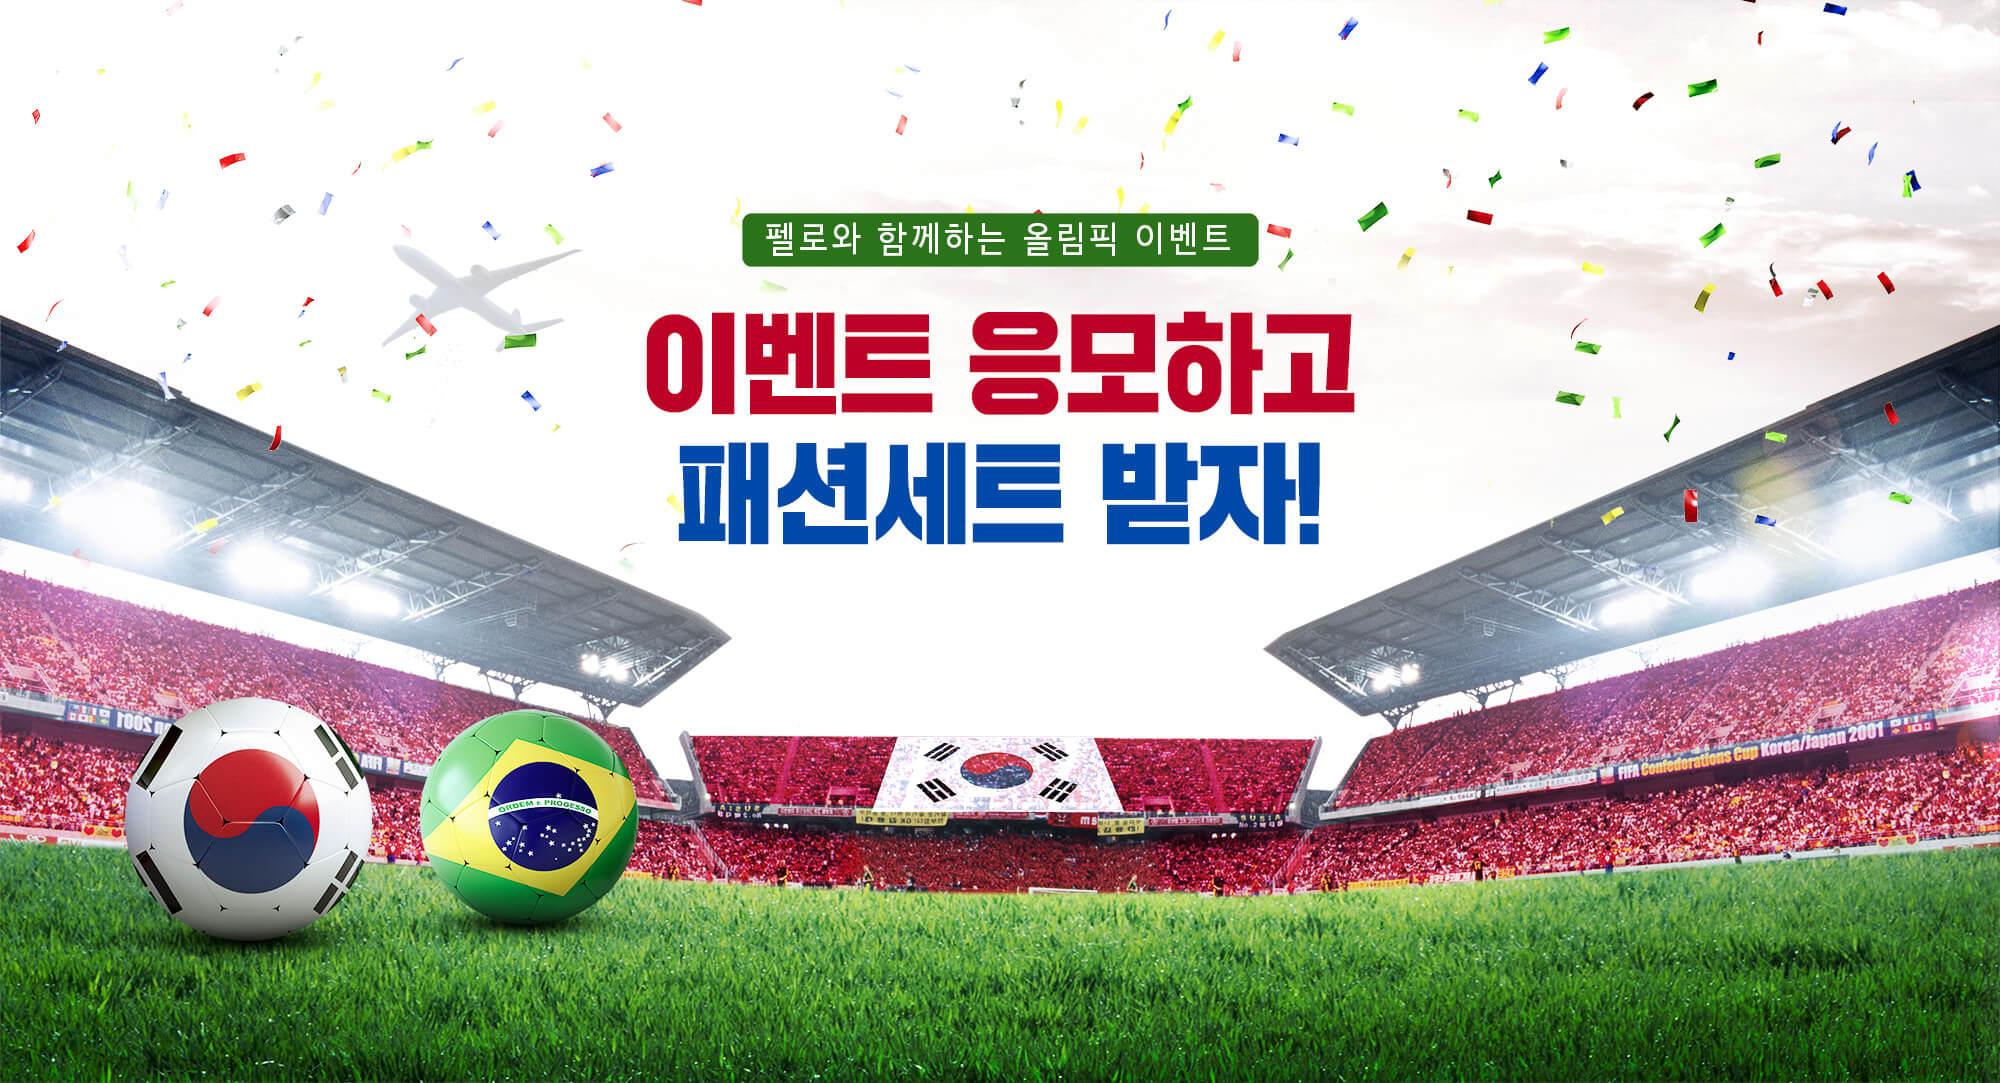 인천예물 펠로다이아몬드 리우올림픽 이벤트